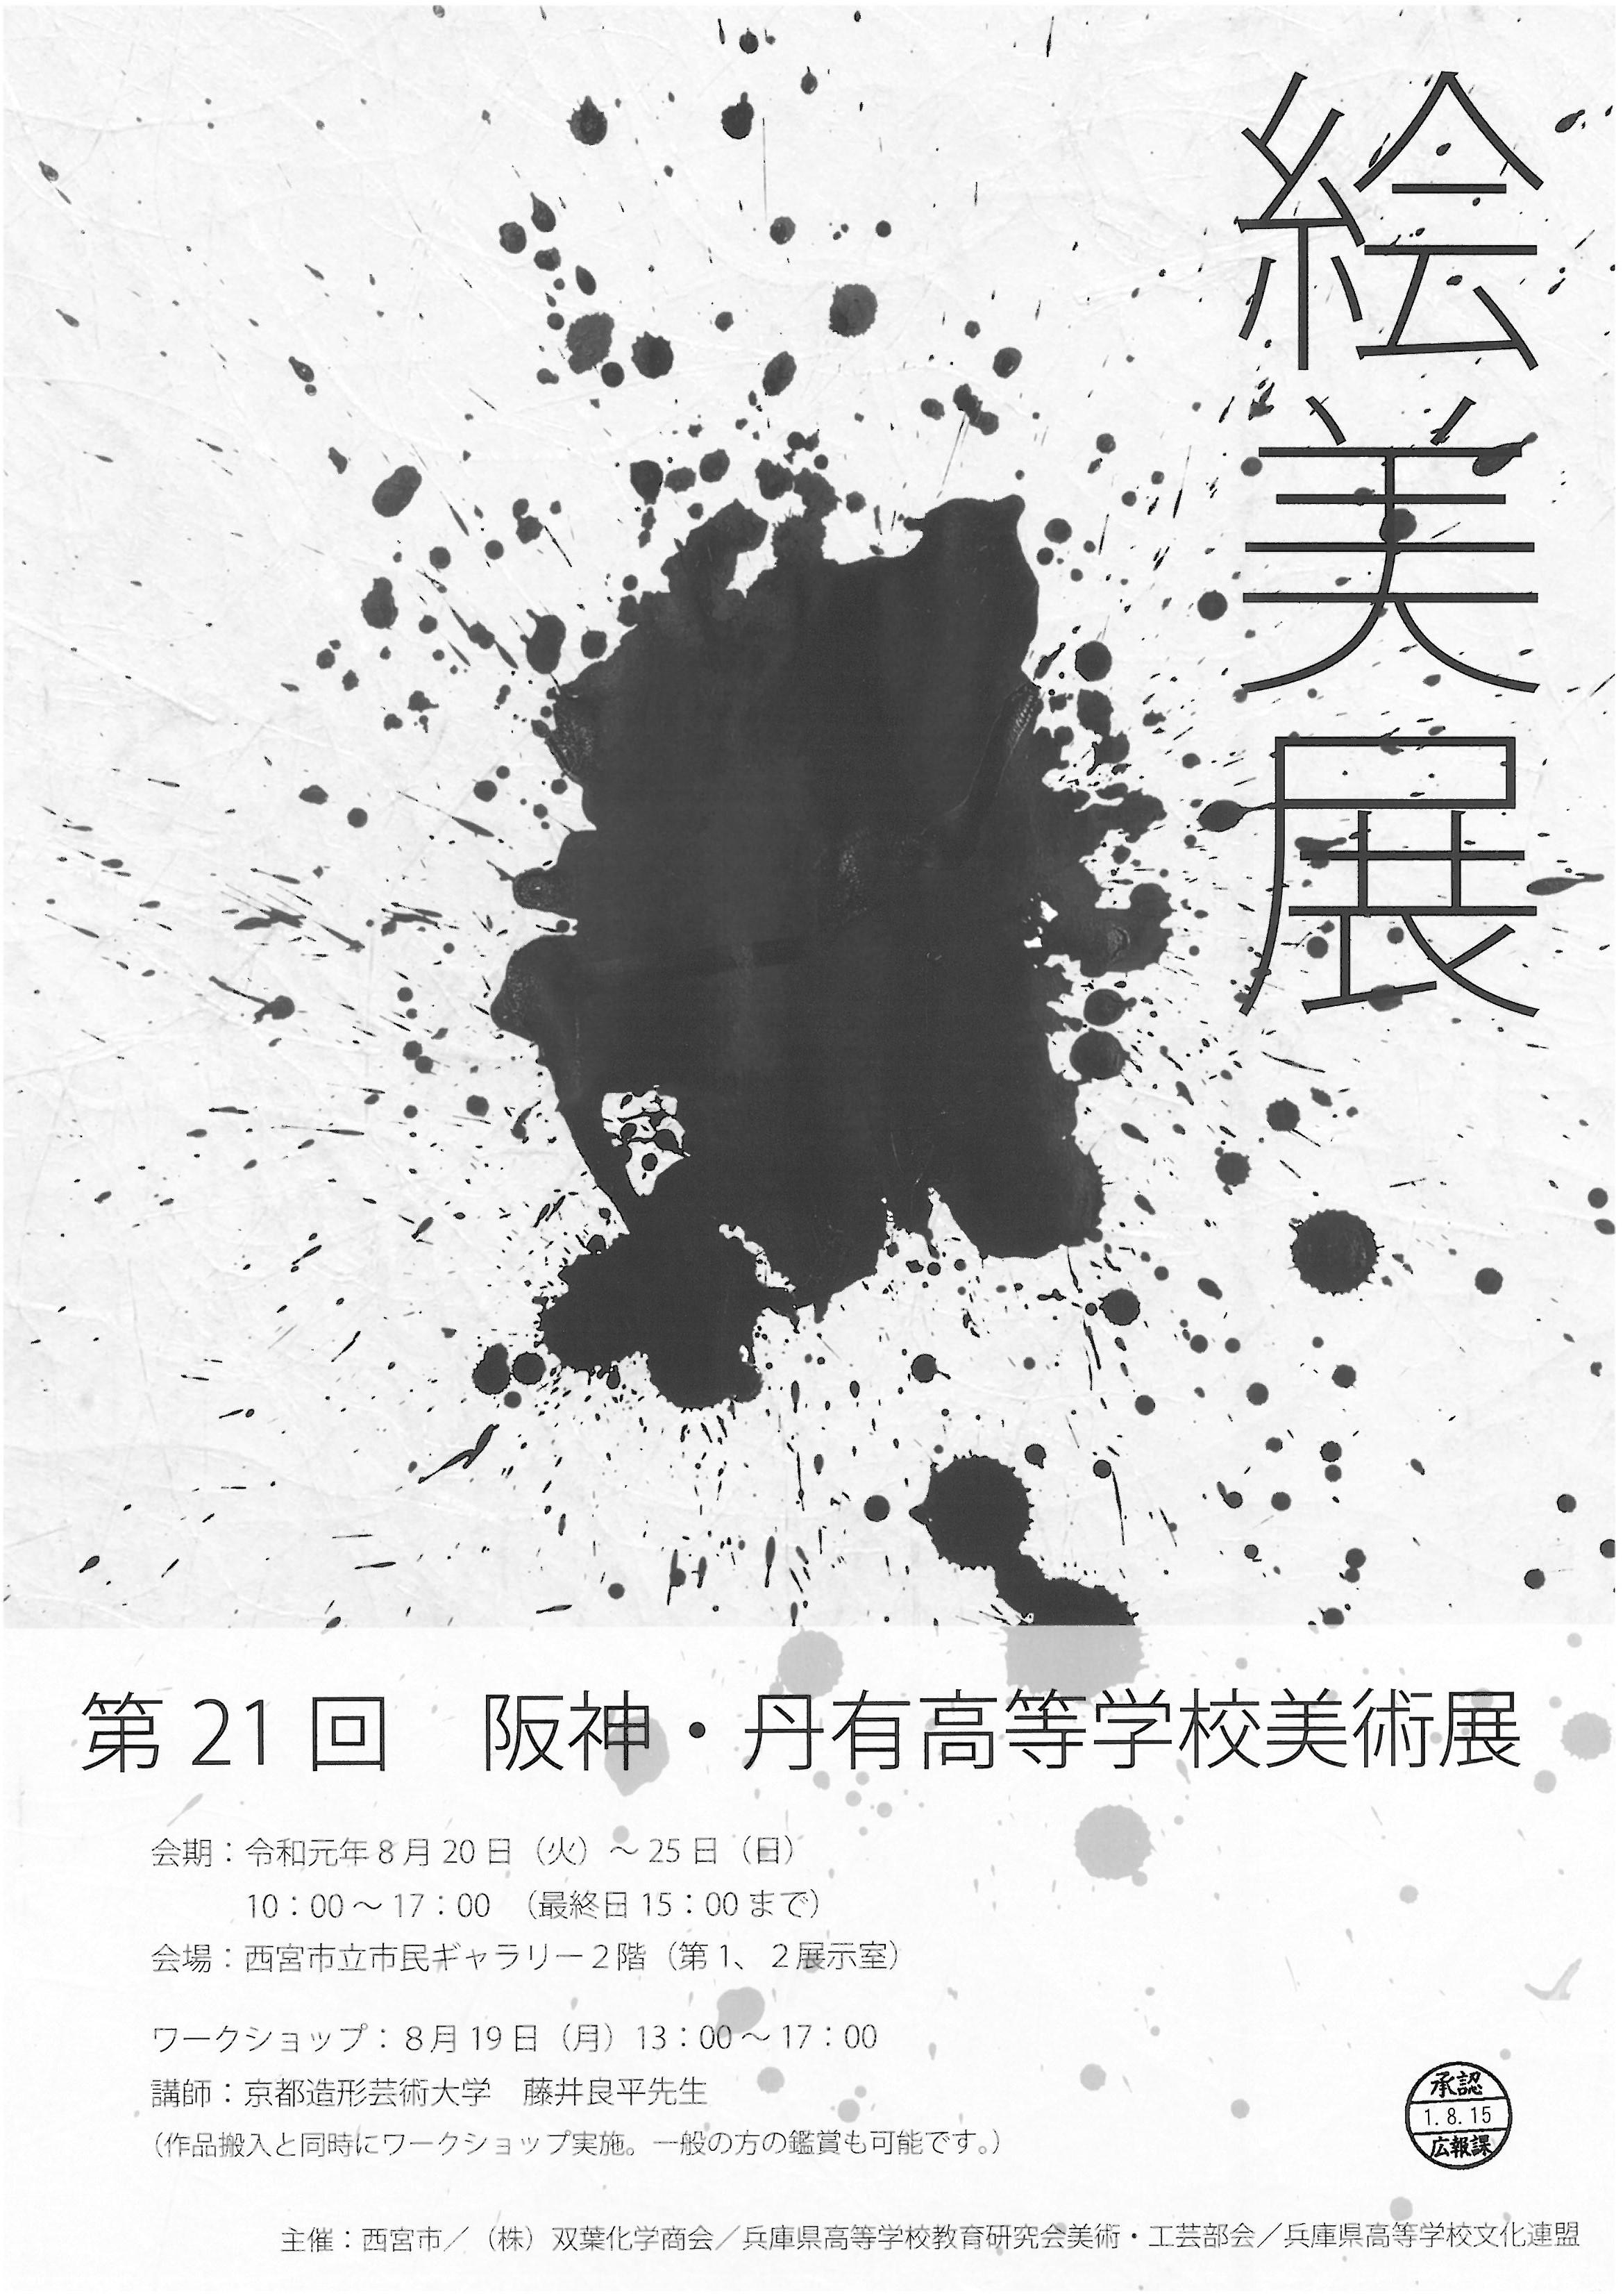 第21回阪神・丹有高等学校美術展「絵美展」